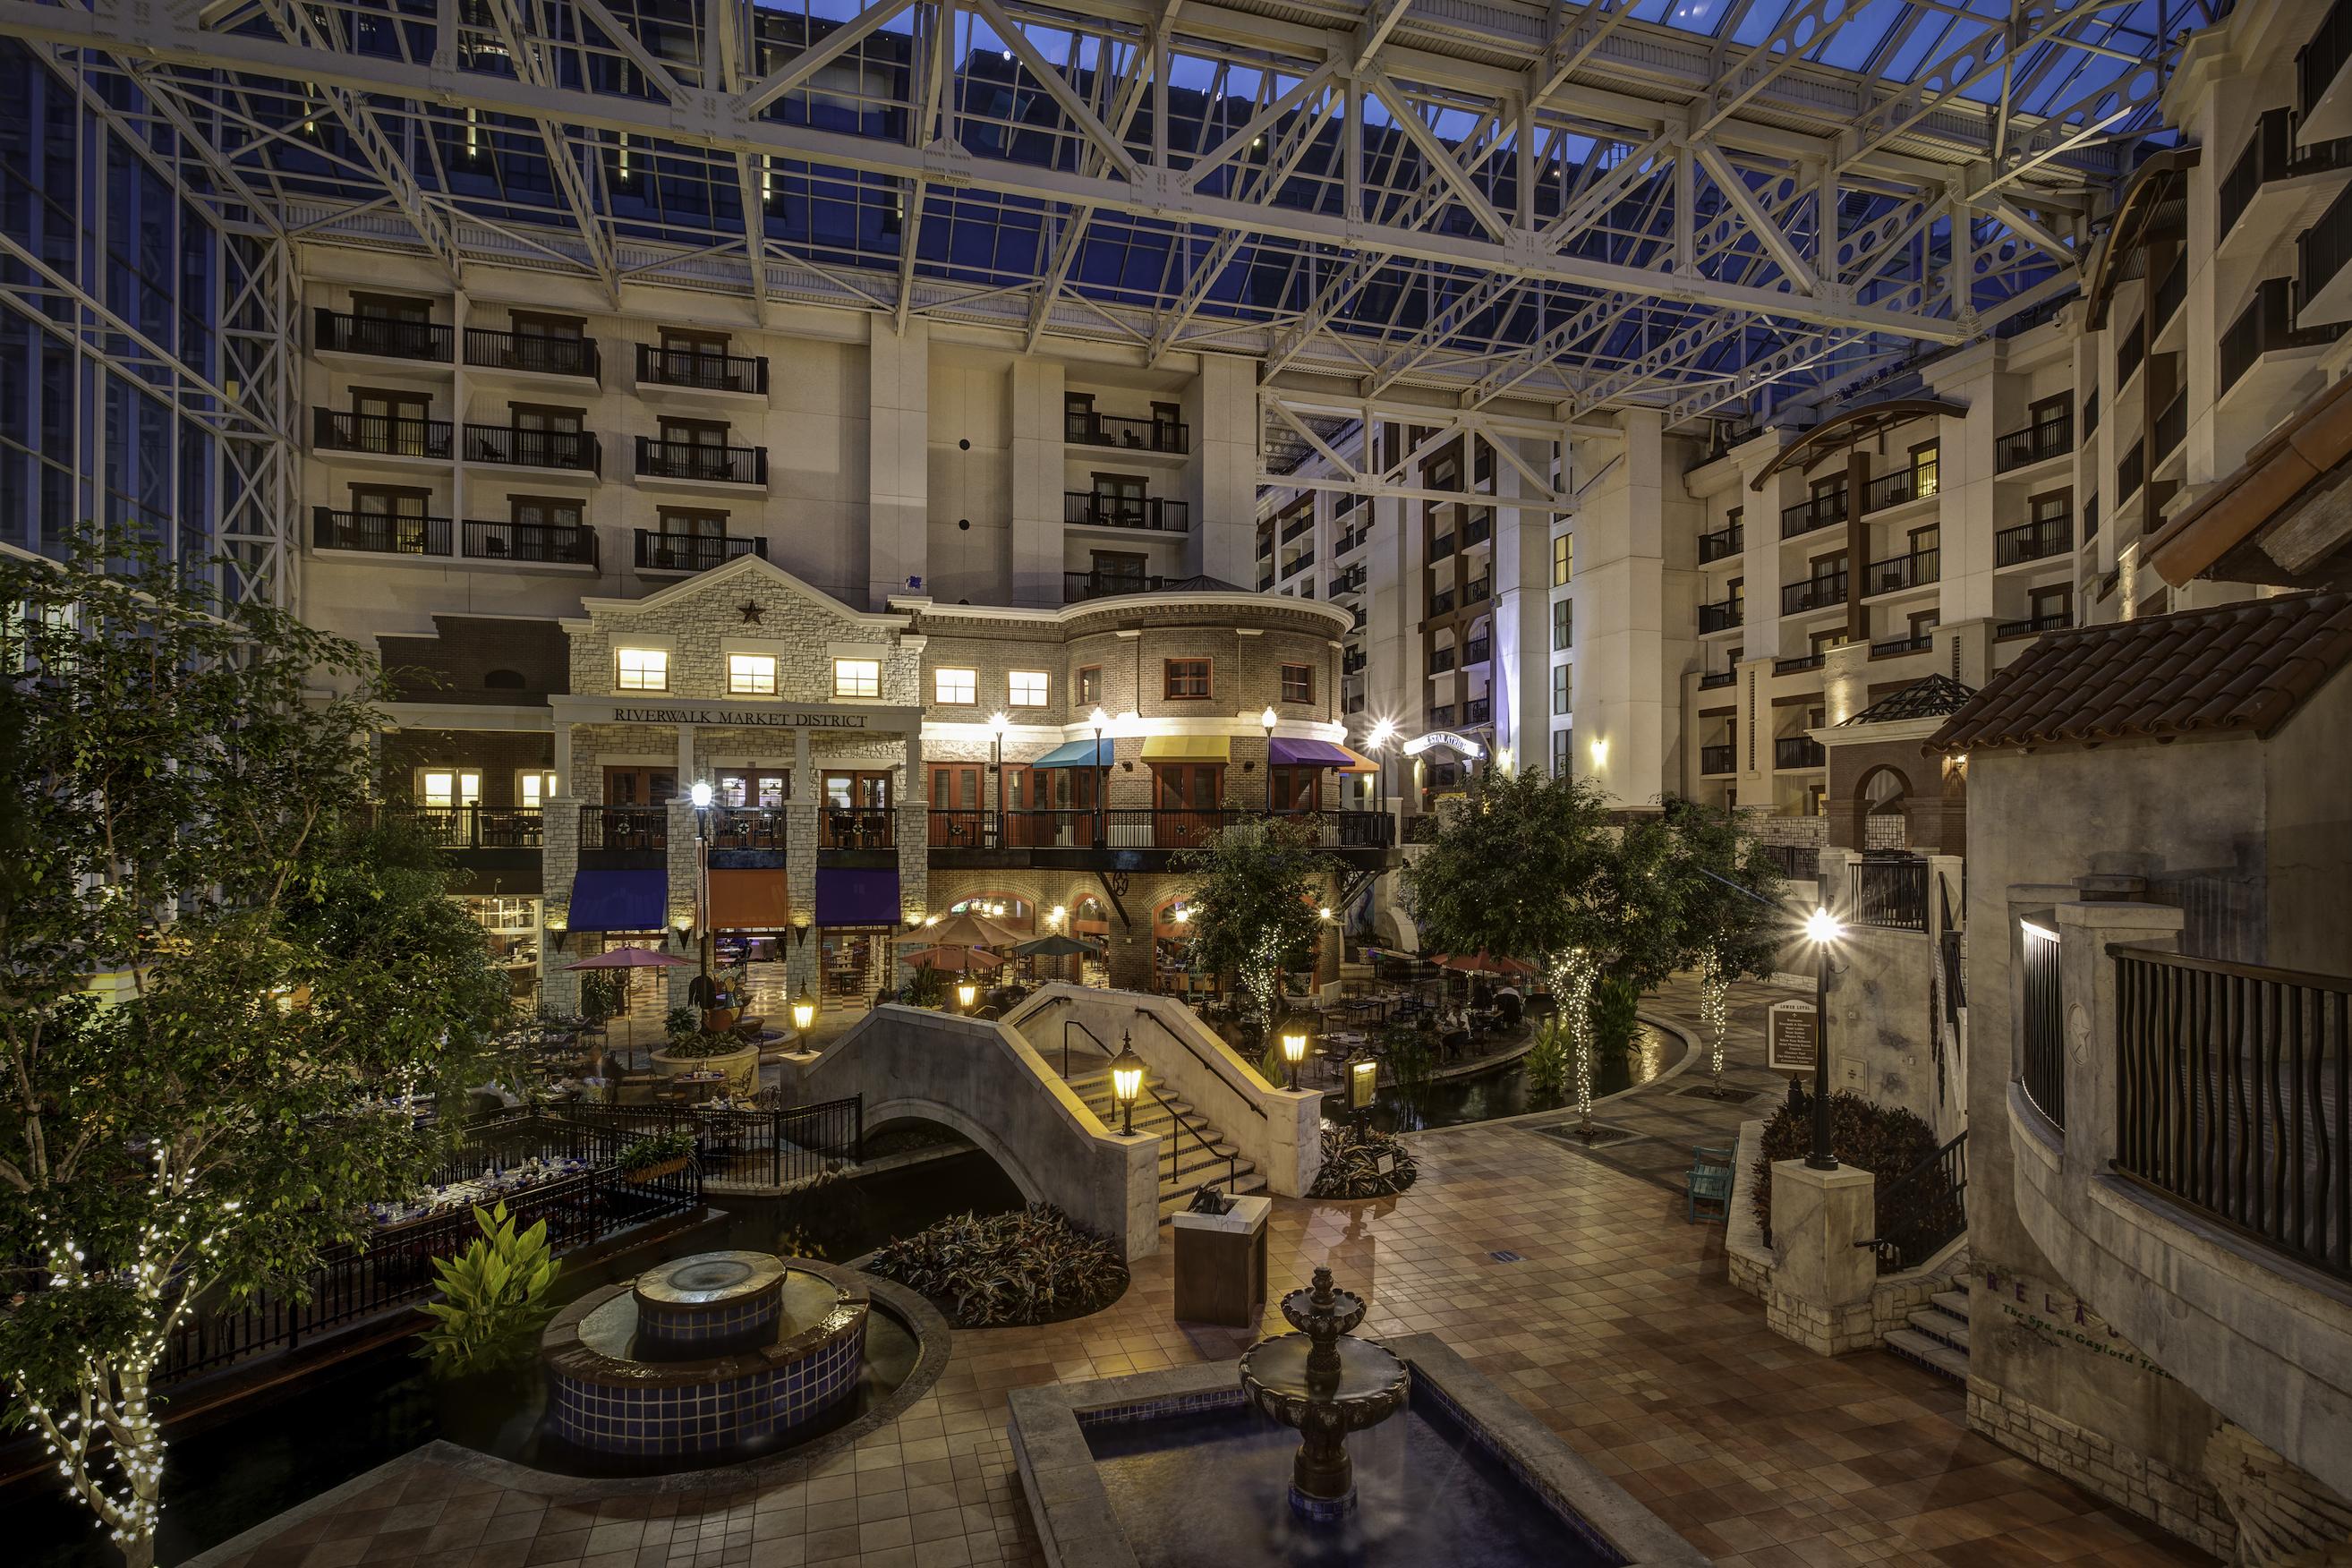 Big Hotel Rooms In Dallas